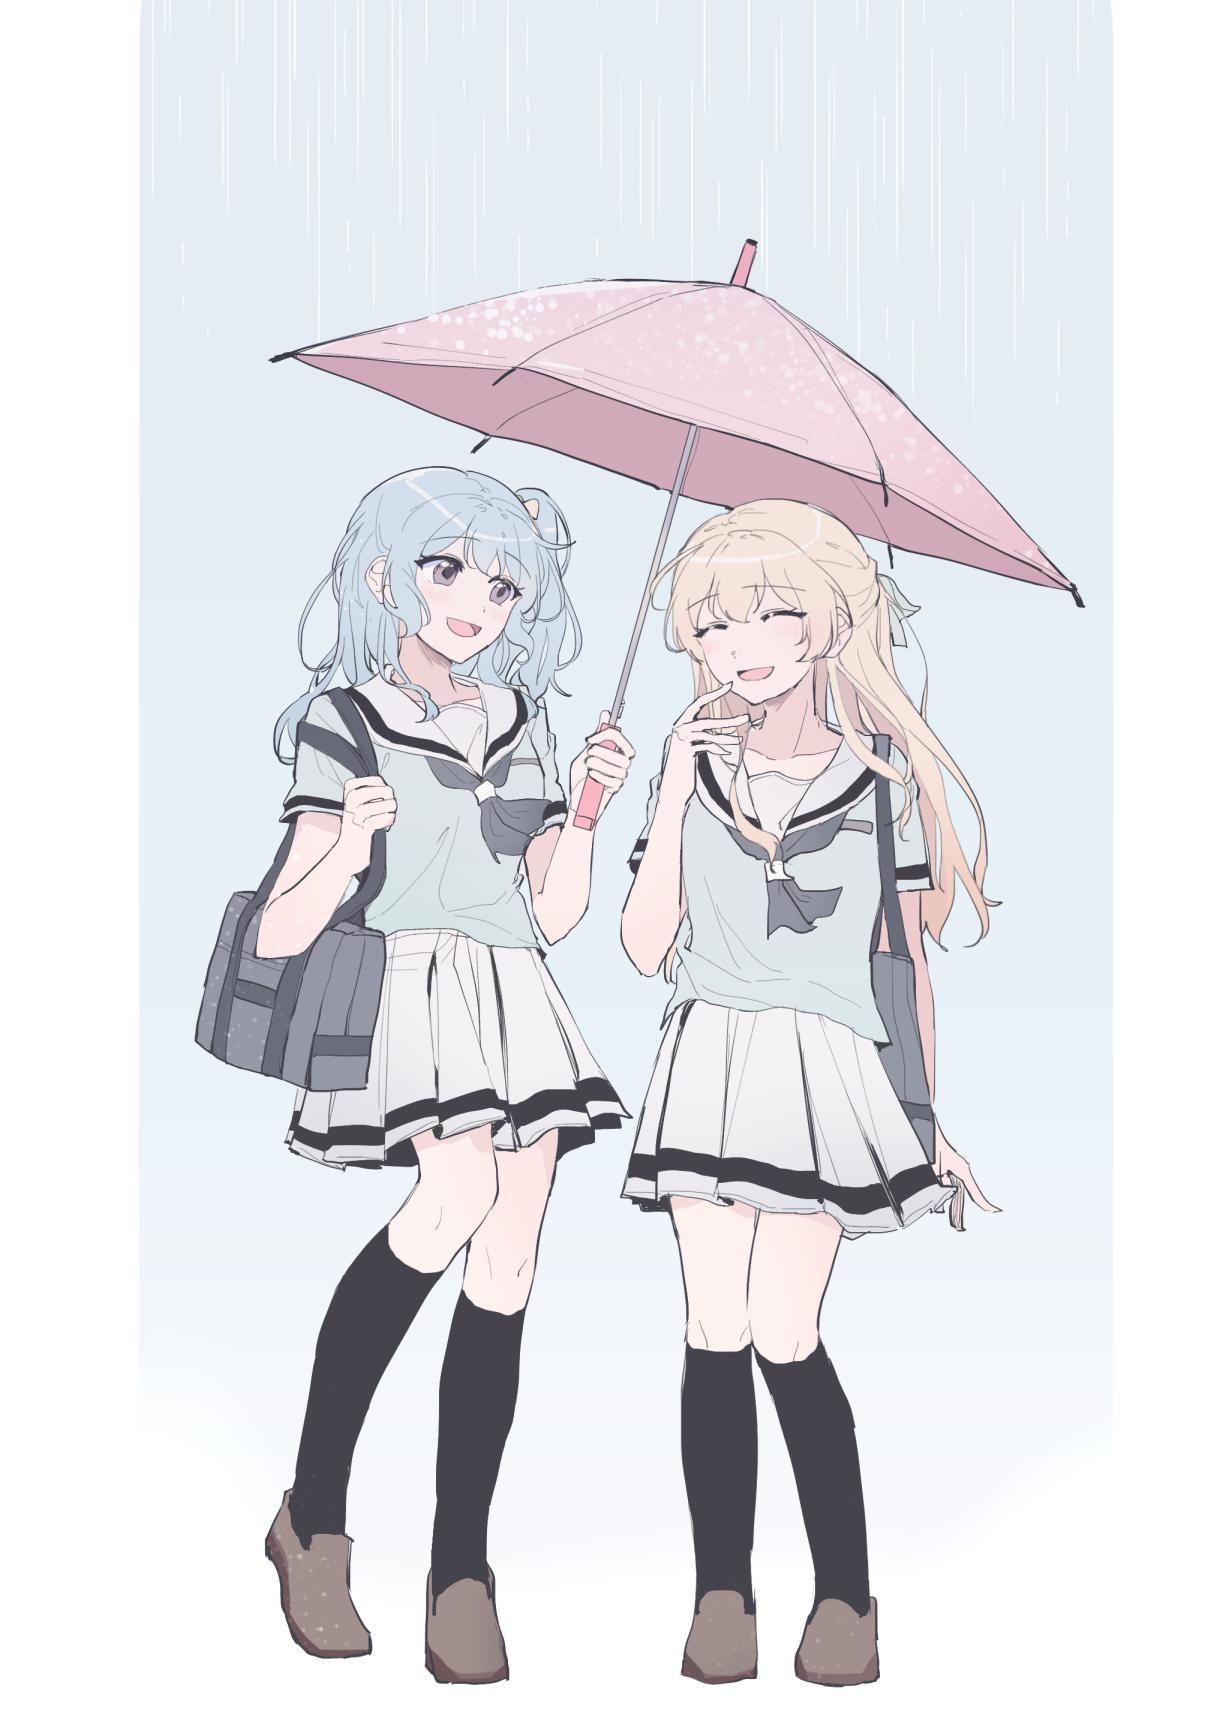 ない 雨 は やま ない